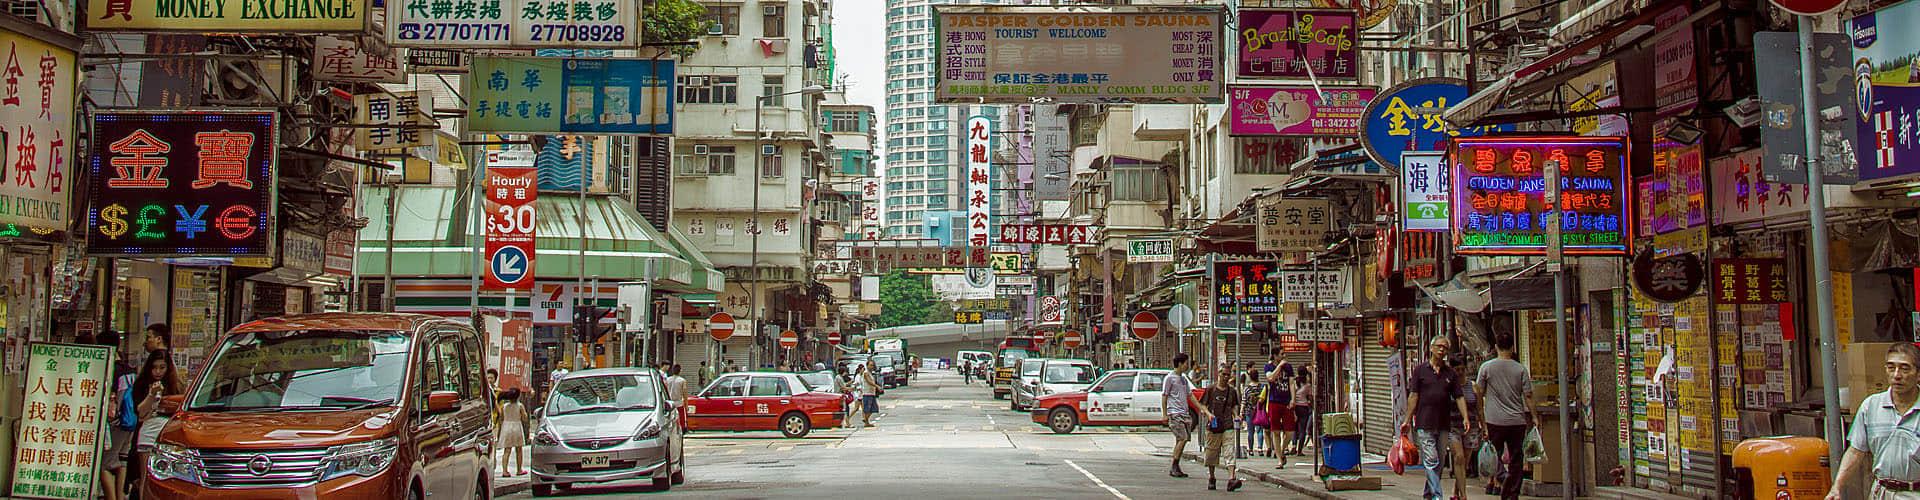 Half Day Kowloon Tour